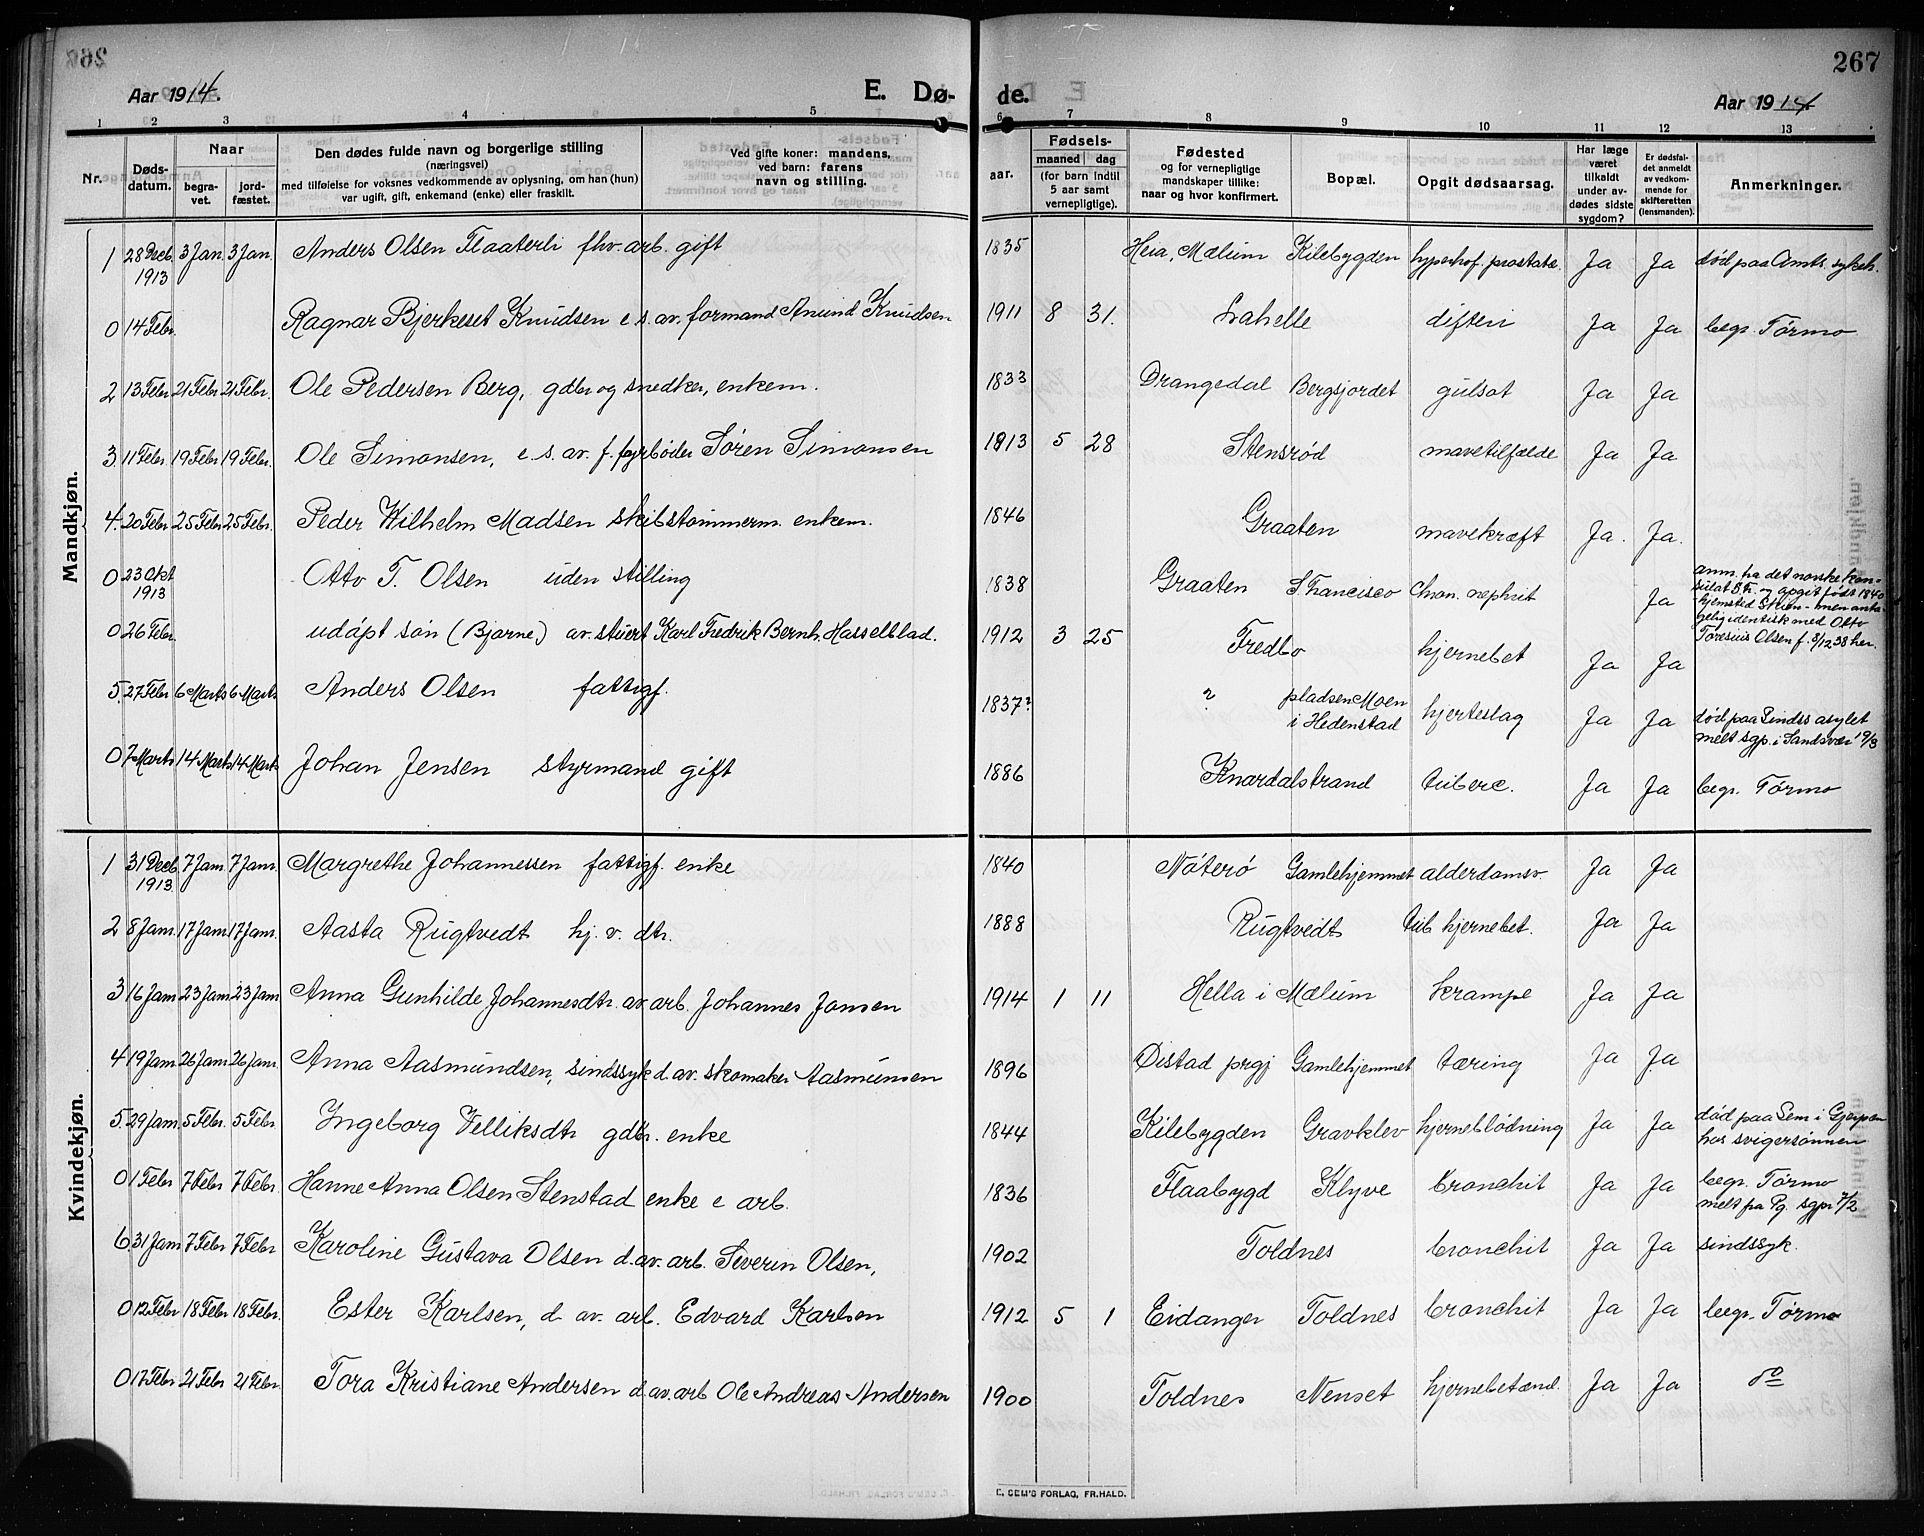 SAKO, Solum kirkebøker, G/Ga/L0009: Klokkerbok nr. I 9, 1909-1922, s. 267